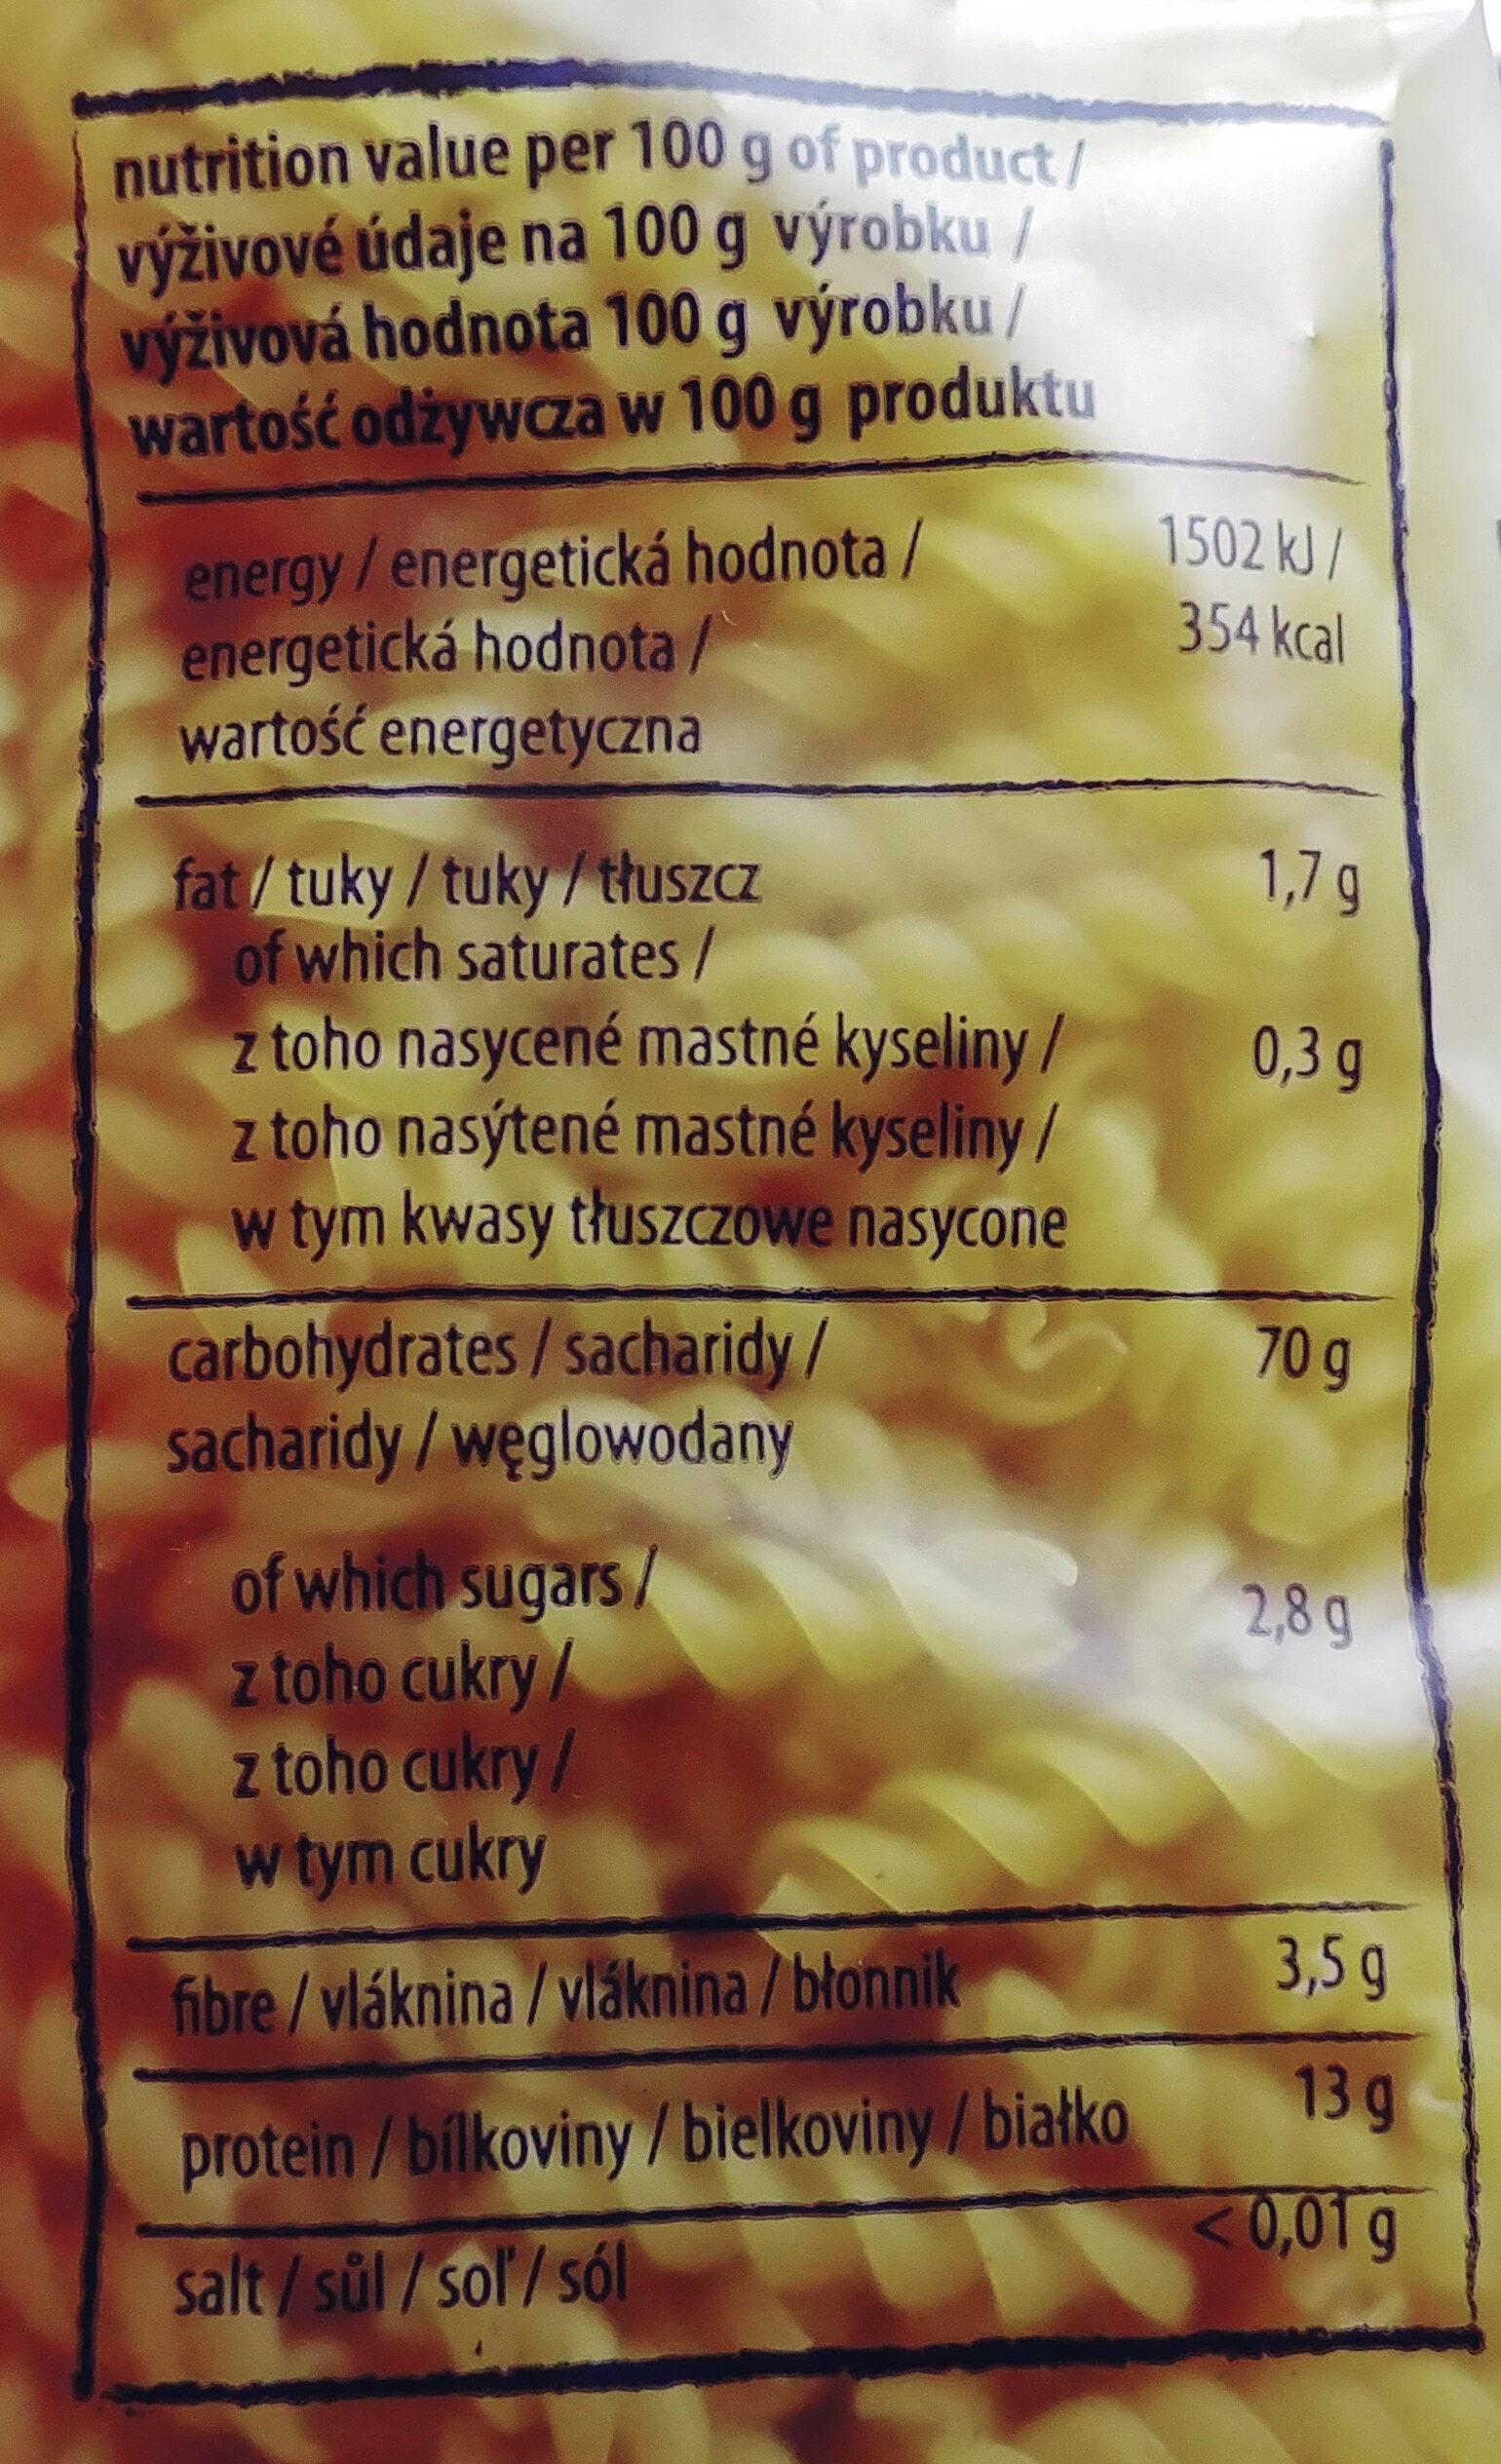 Makaron z pszenicy twardej durum - Wartości odżywcze - pl